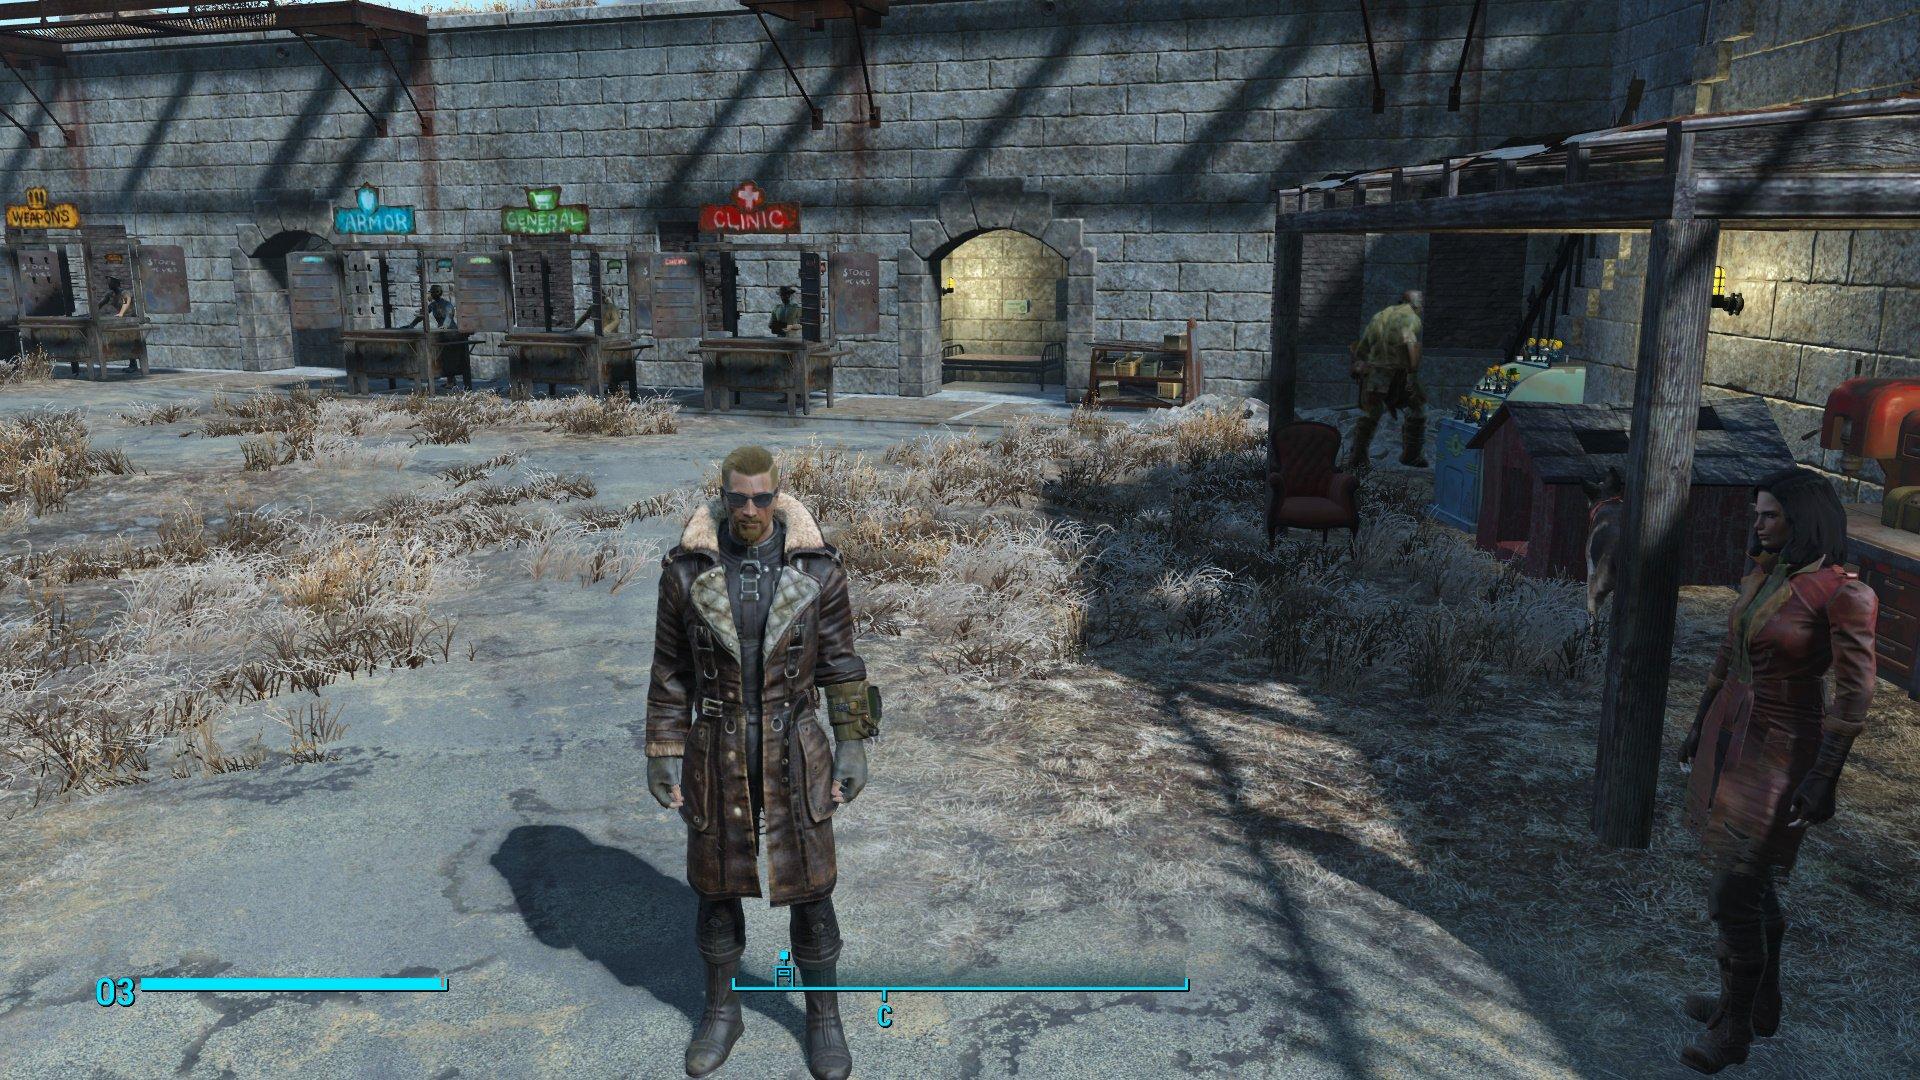 Сравнительный анализ (на самом деле нет) Fallout New Vegas vs. Fallout 4 (часть 1) - Изображение 3